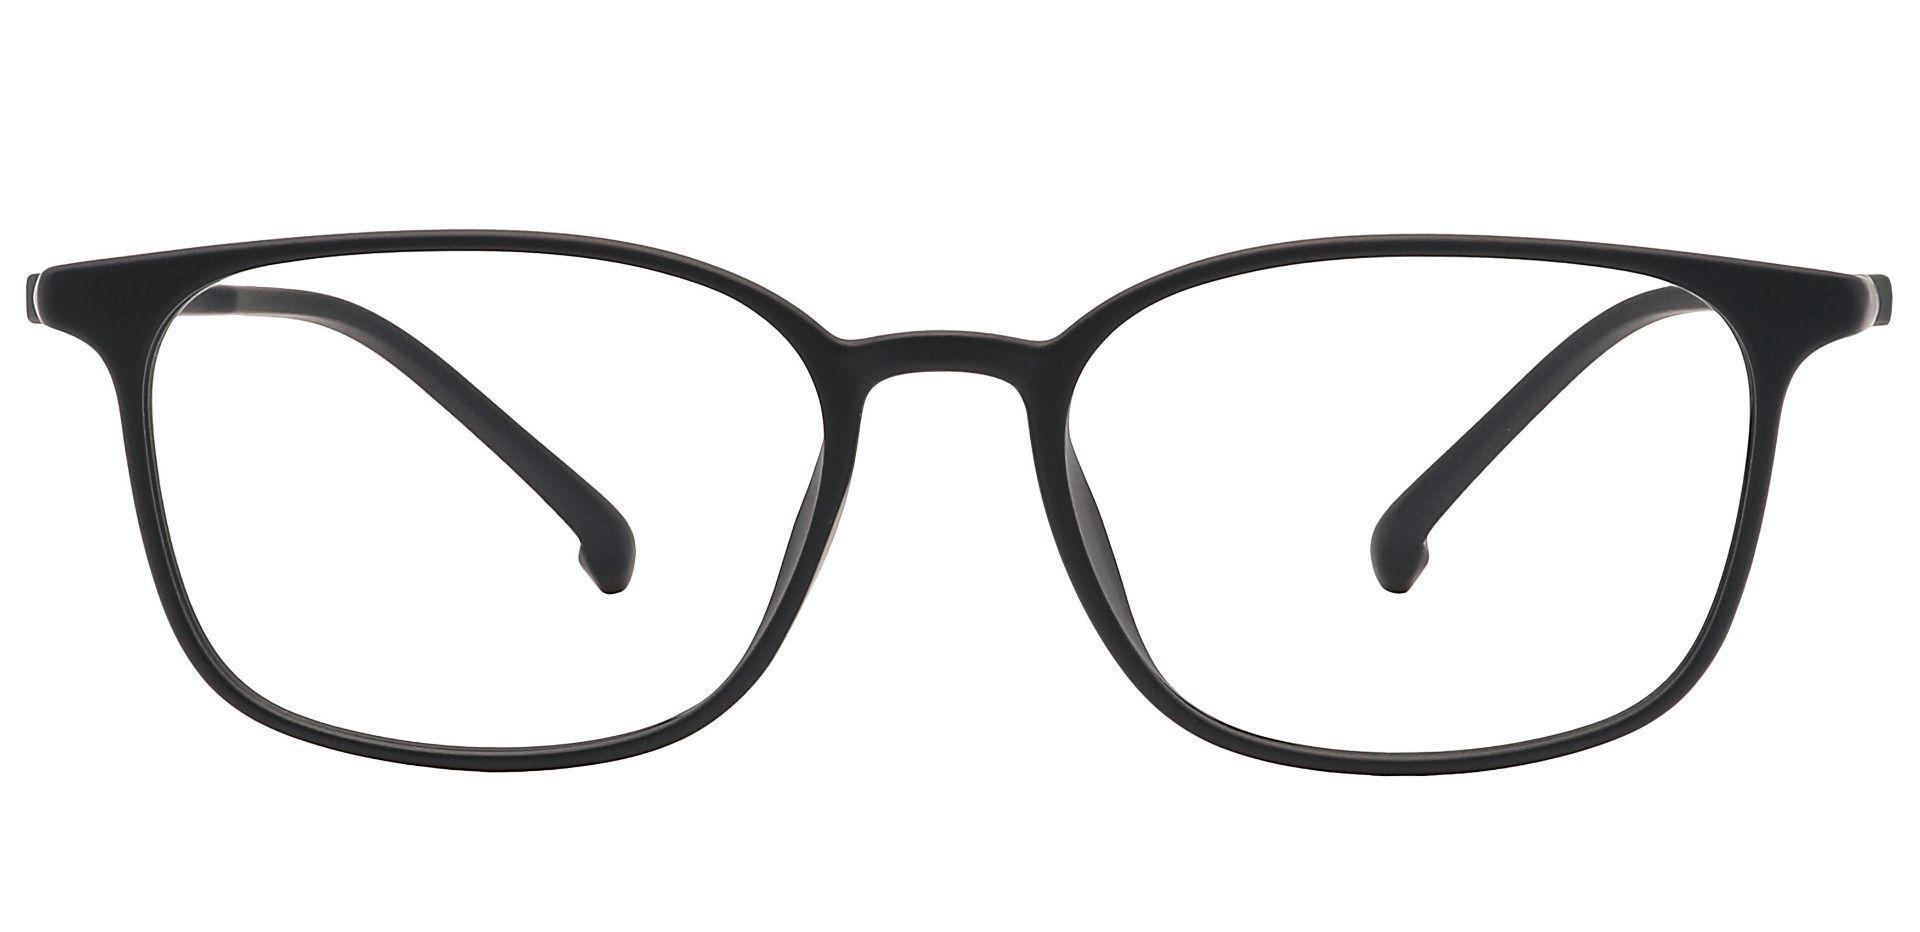 Alston Square Prescription Glasses - Black